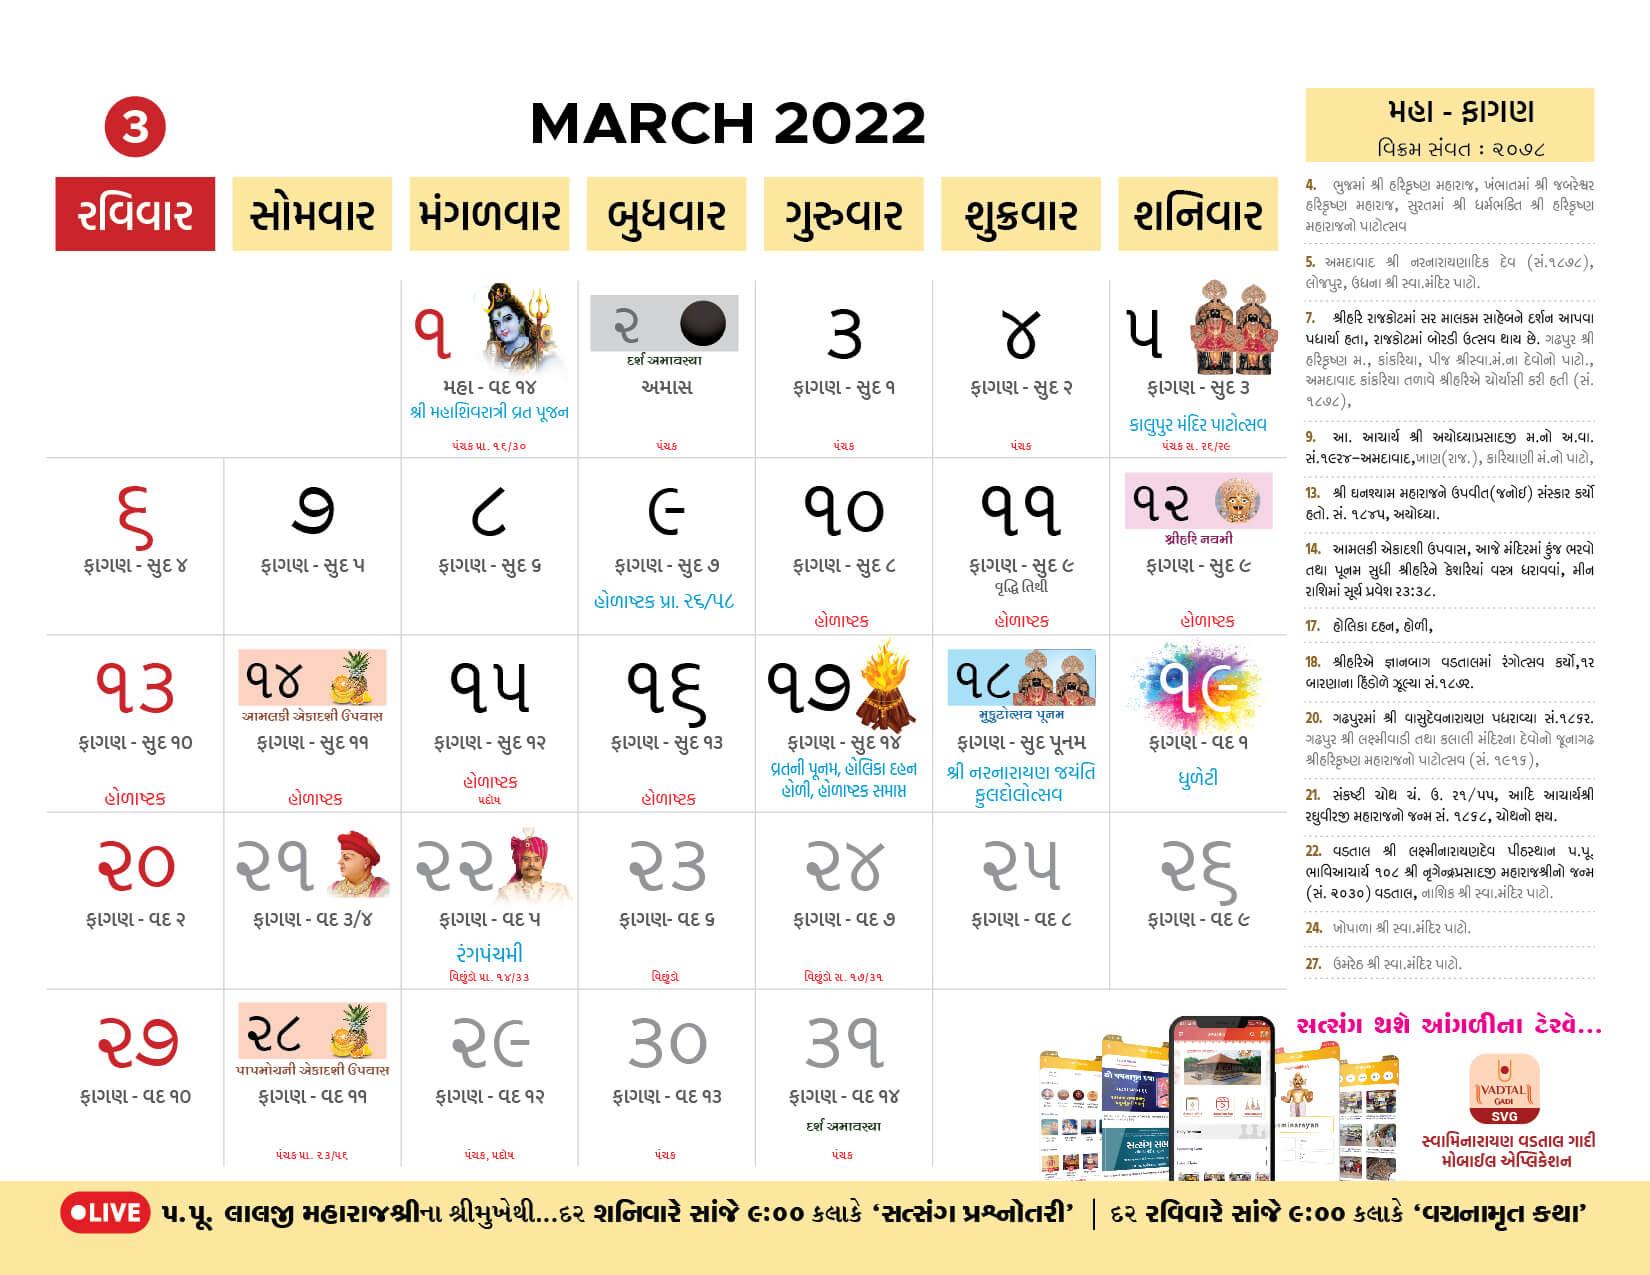 Mar 2022